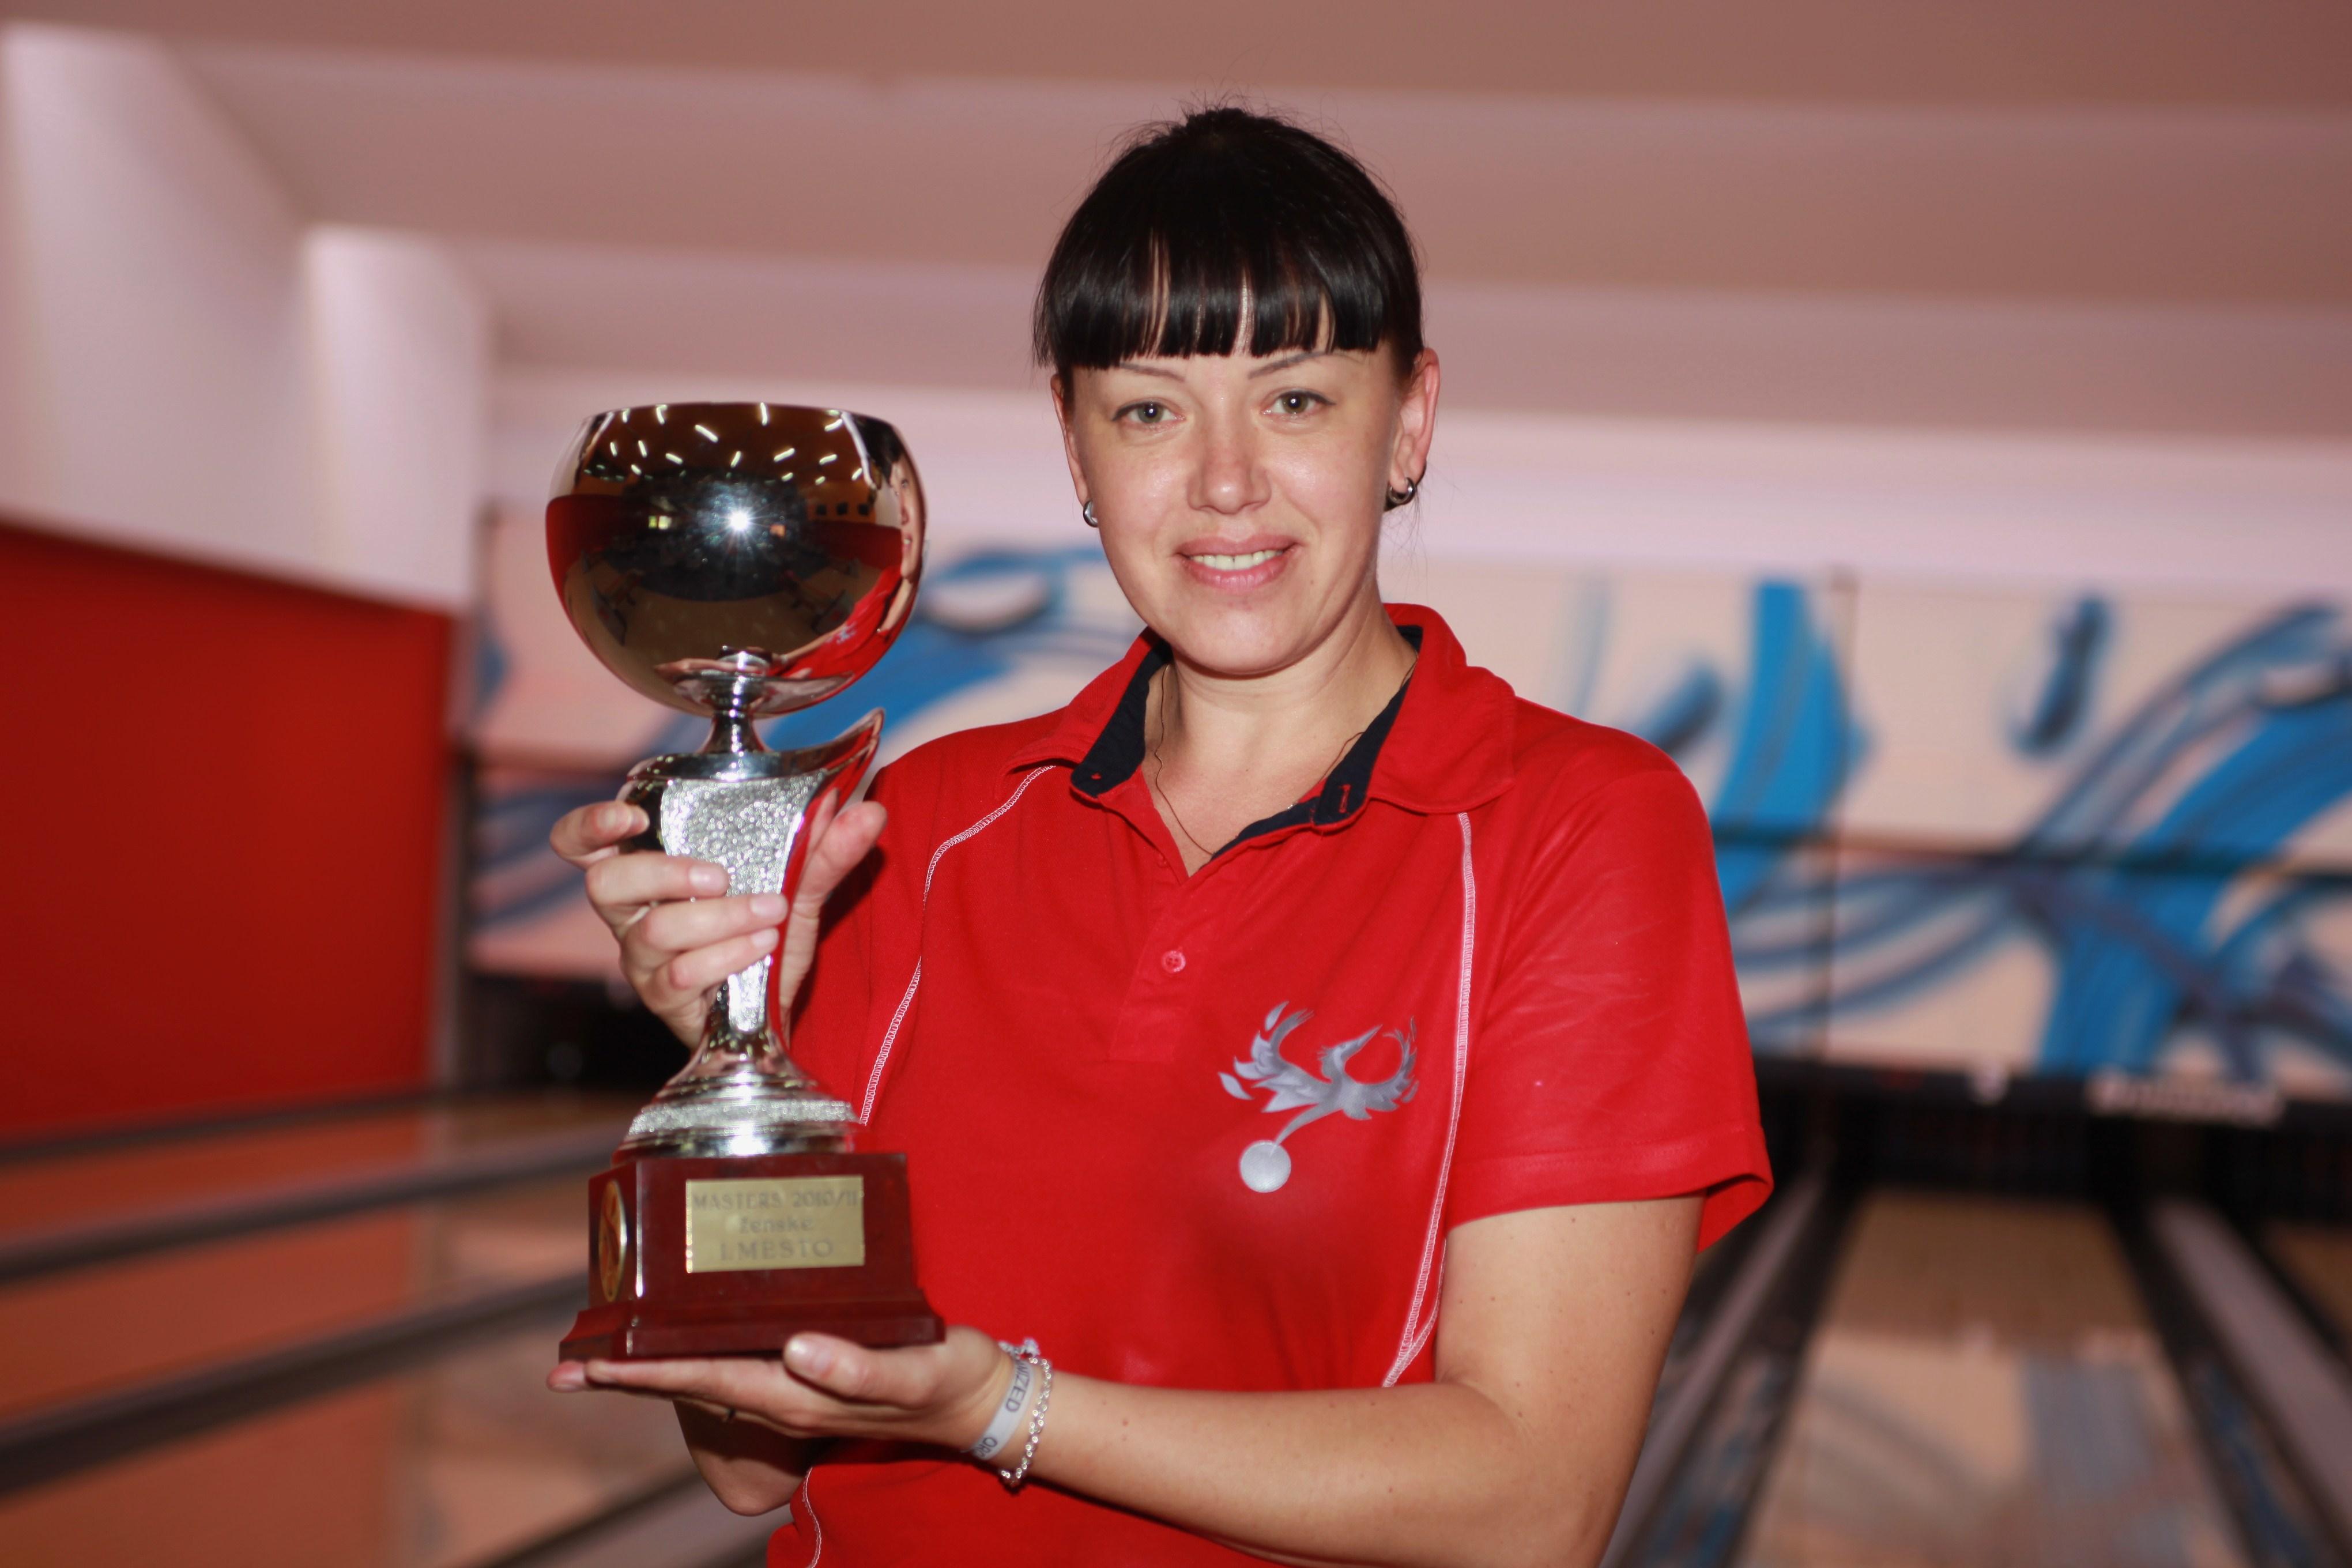 Vika je zmagovalka Mastersa za sezono 2010/2011